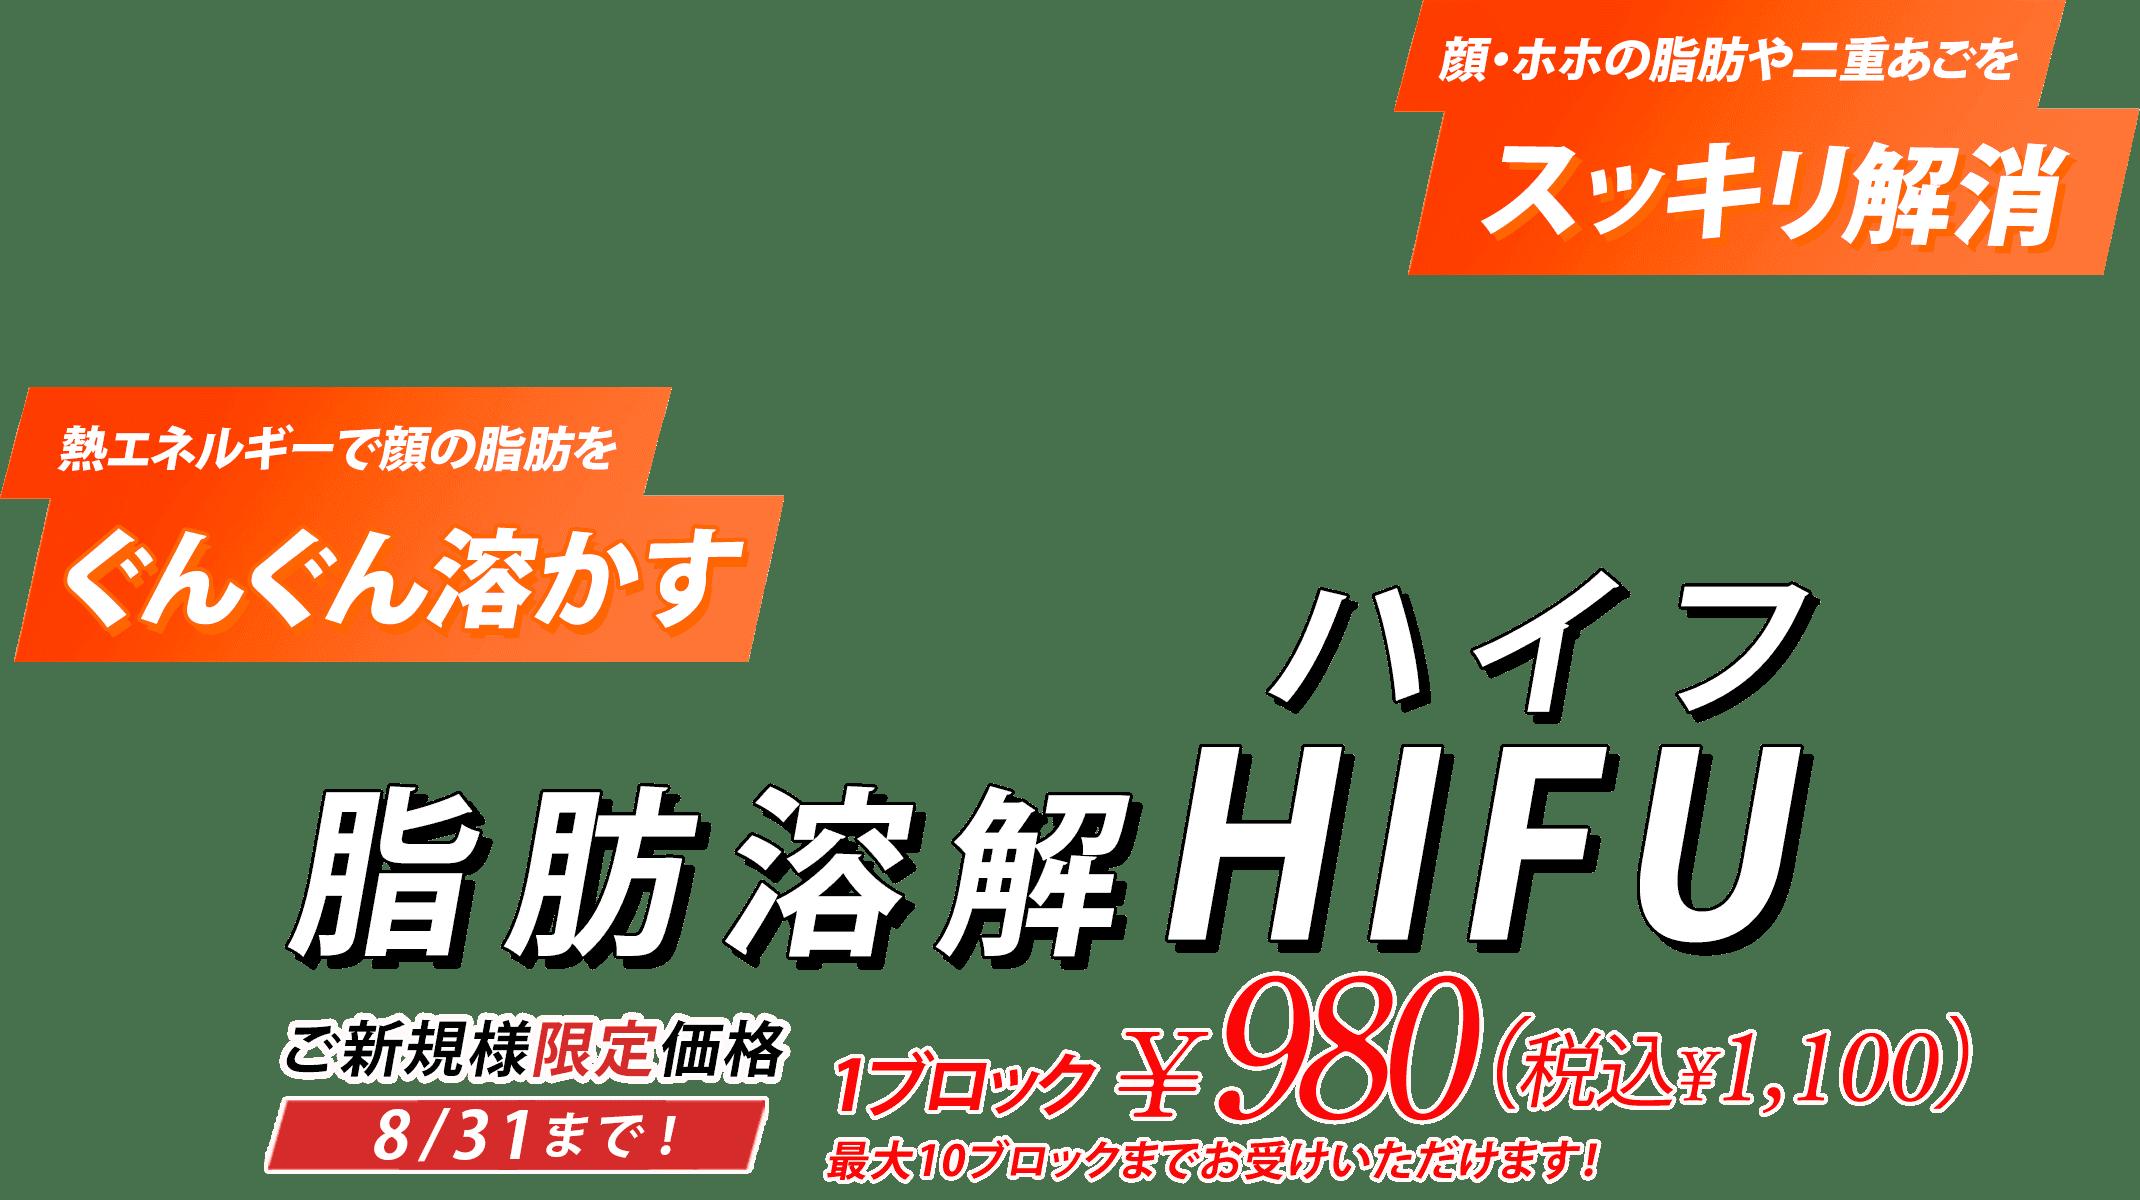 脂肪溶解HIFU(ハイフ)